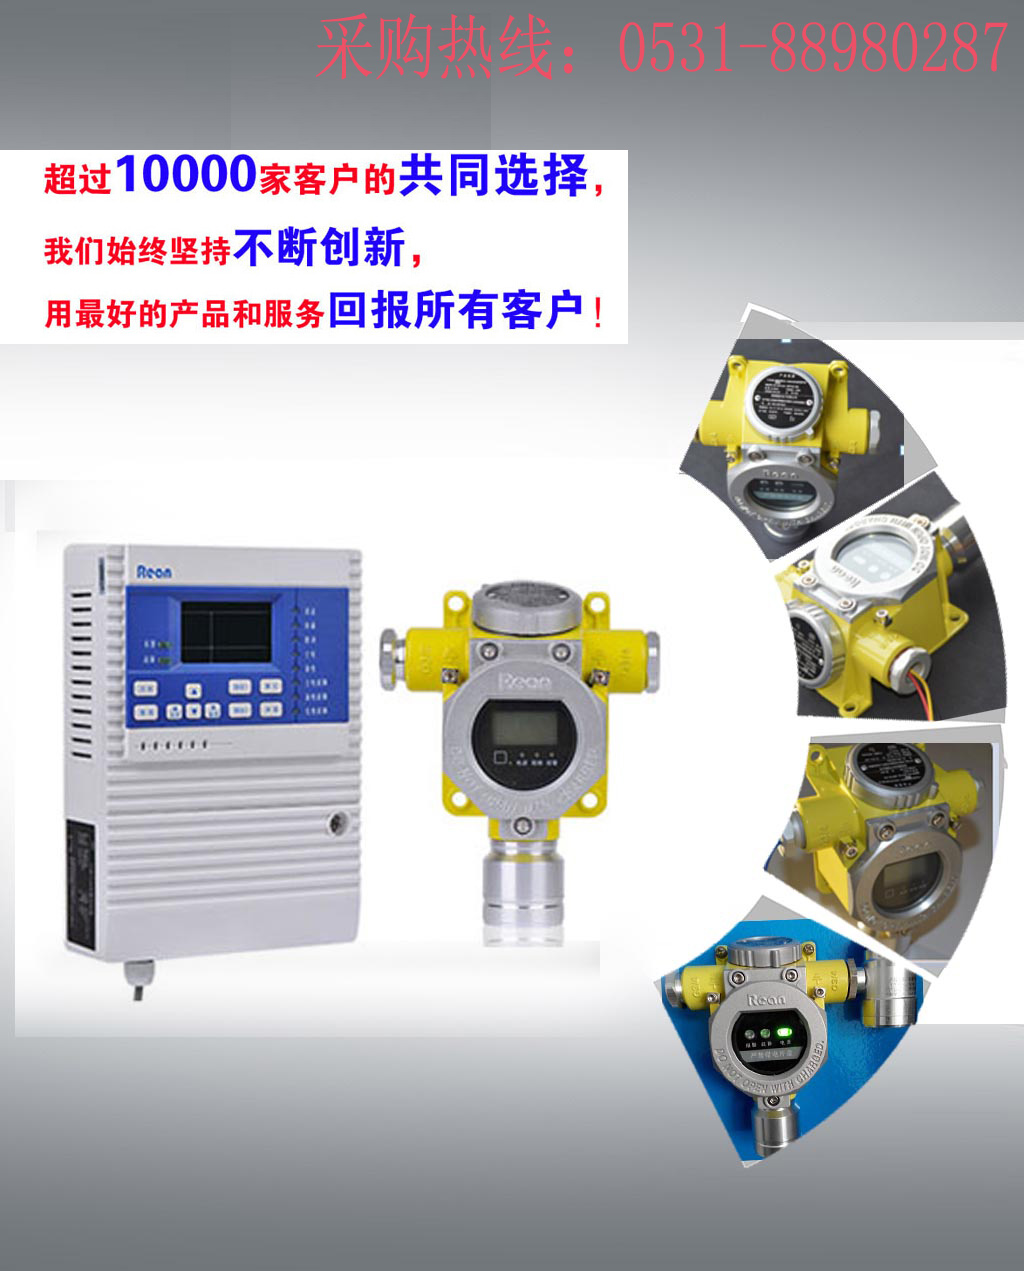 中国智能制造网 仪器仪表 仪器仪表 气体检测仪 济南威诺安防设备有限